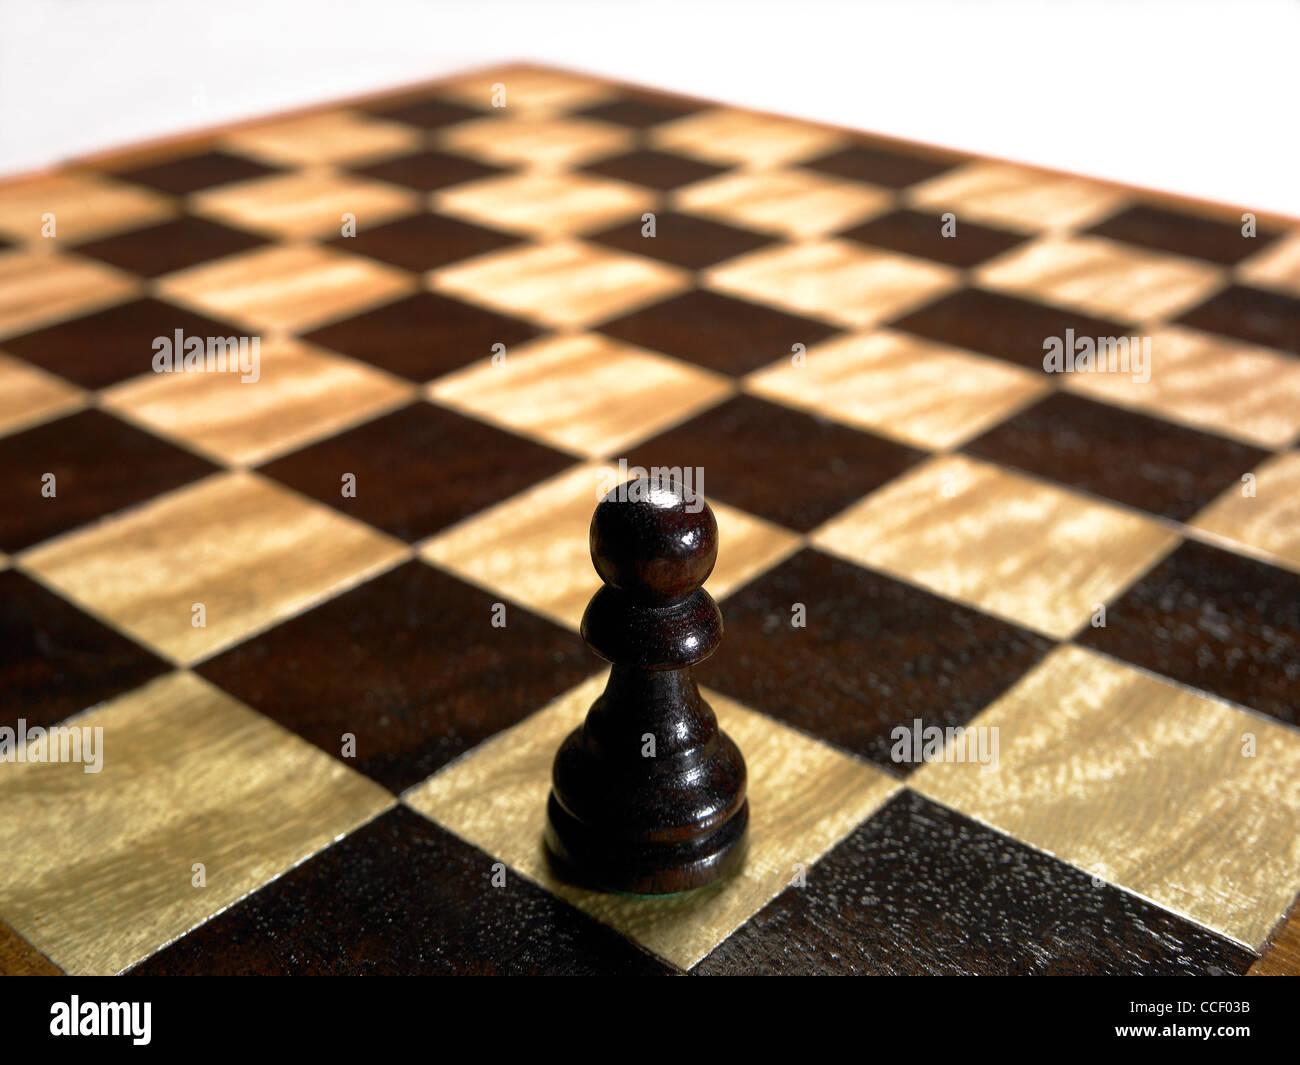 Una pedina pezzo degli scacchi su una scacchiera vuota Immagini Stock